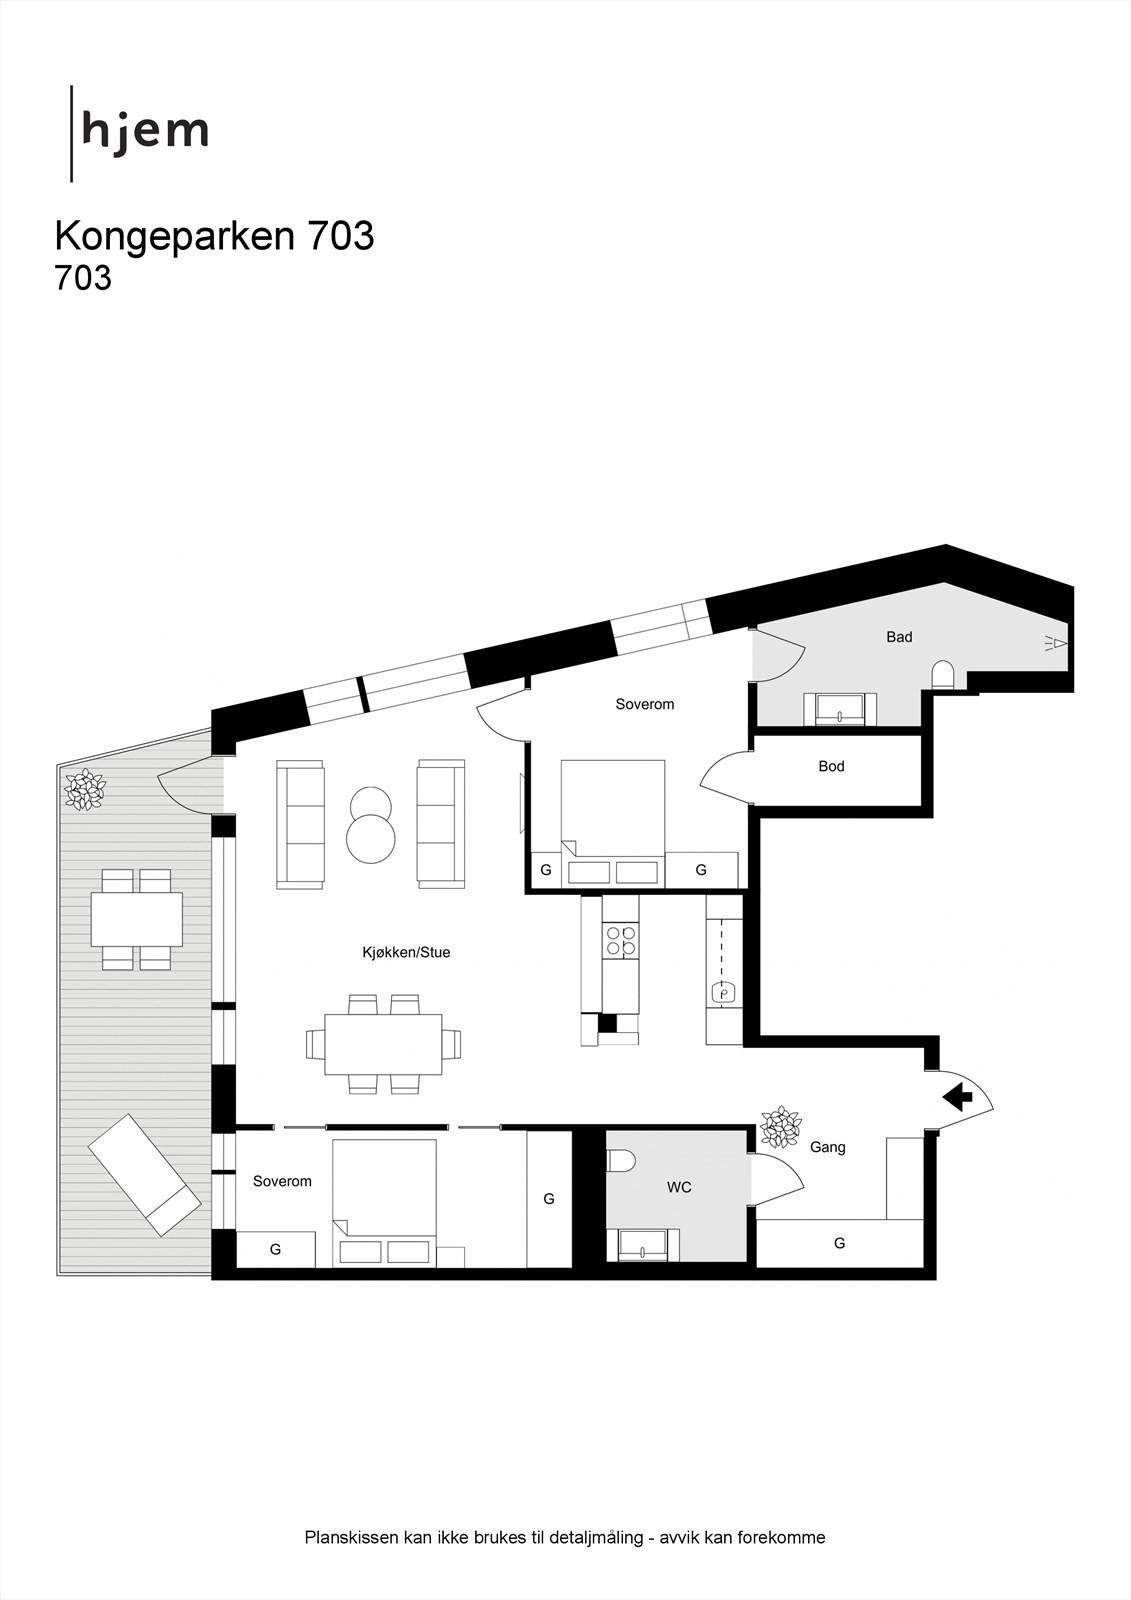 Floorplan letterhead - Kongeparken 703 - plantegning